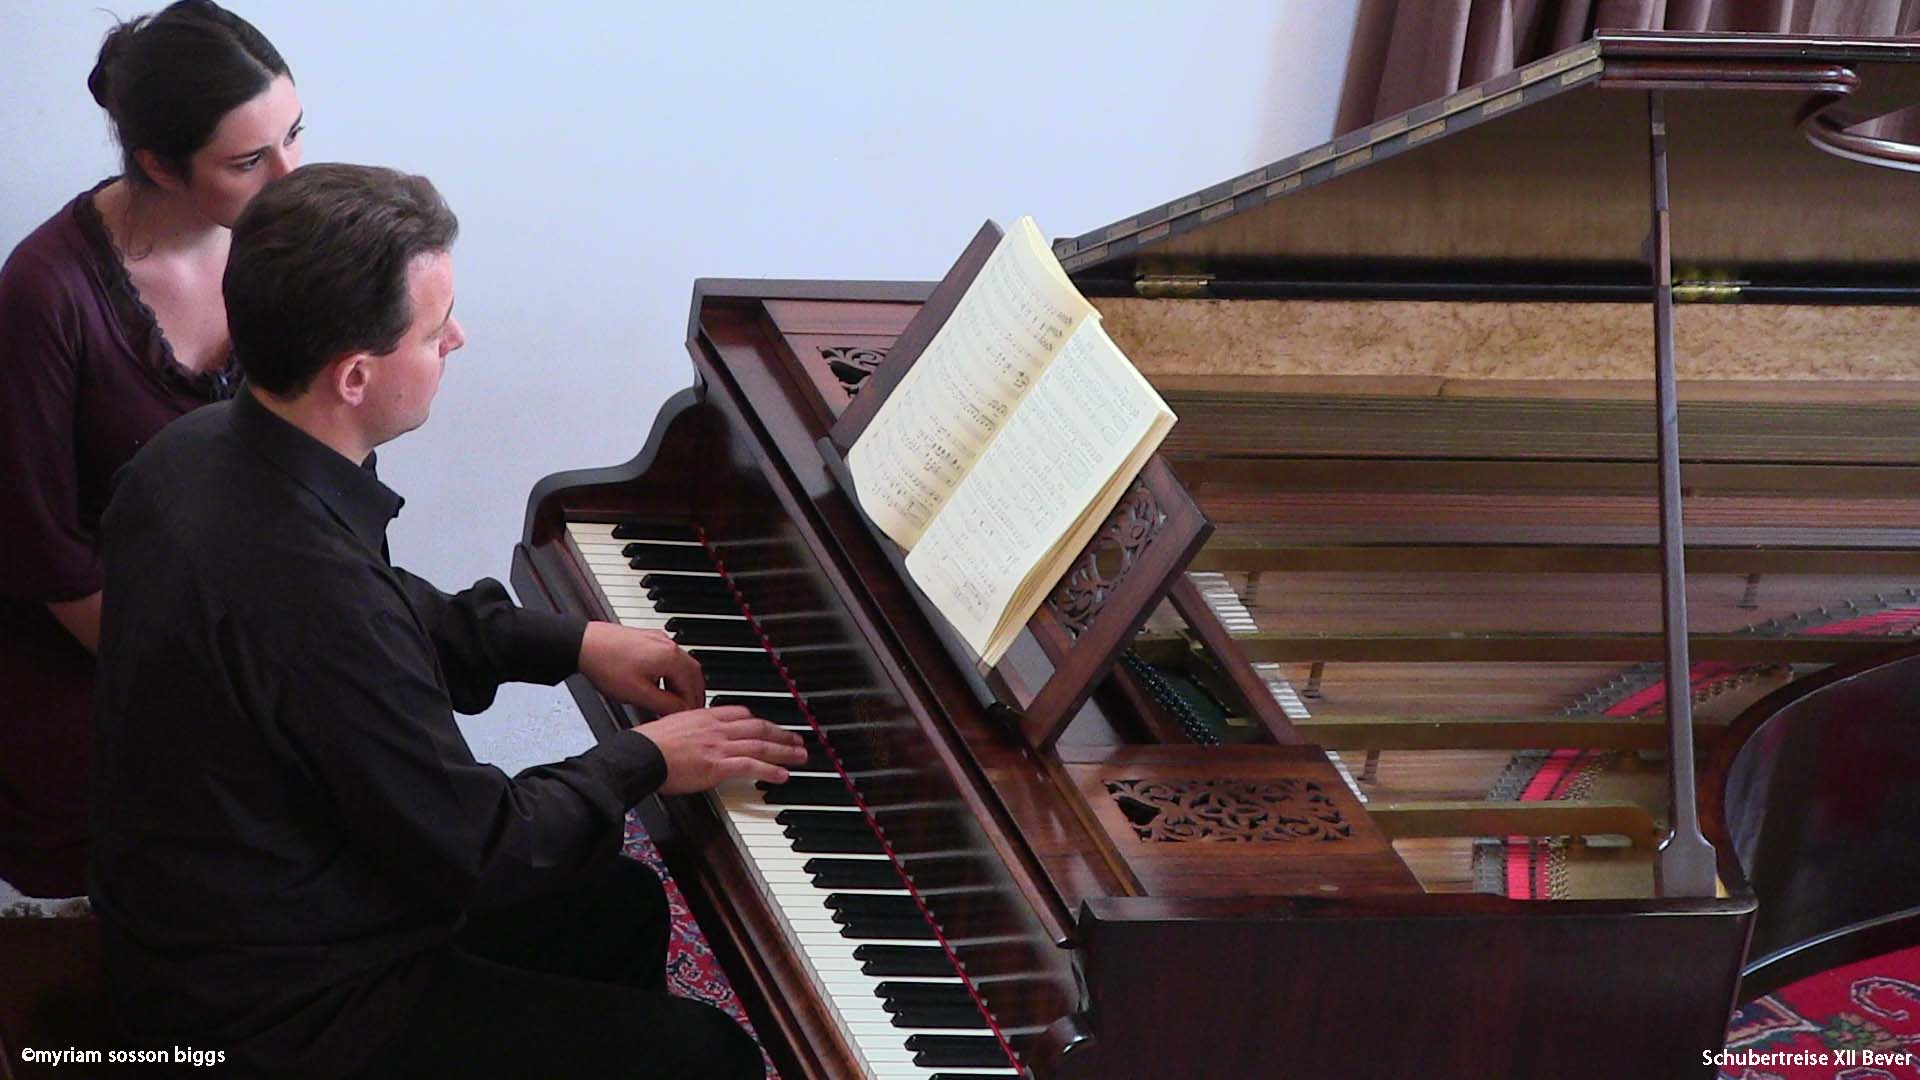 Michel Stas (Bever)